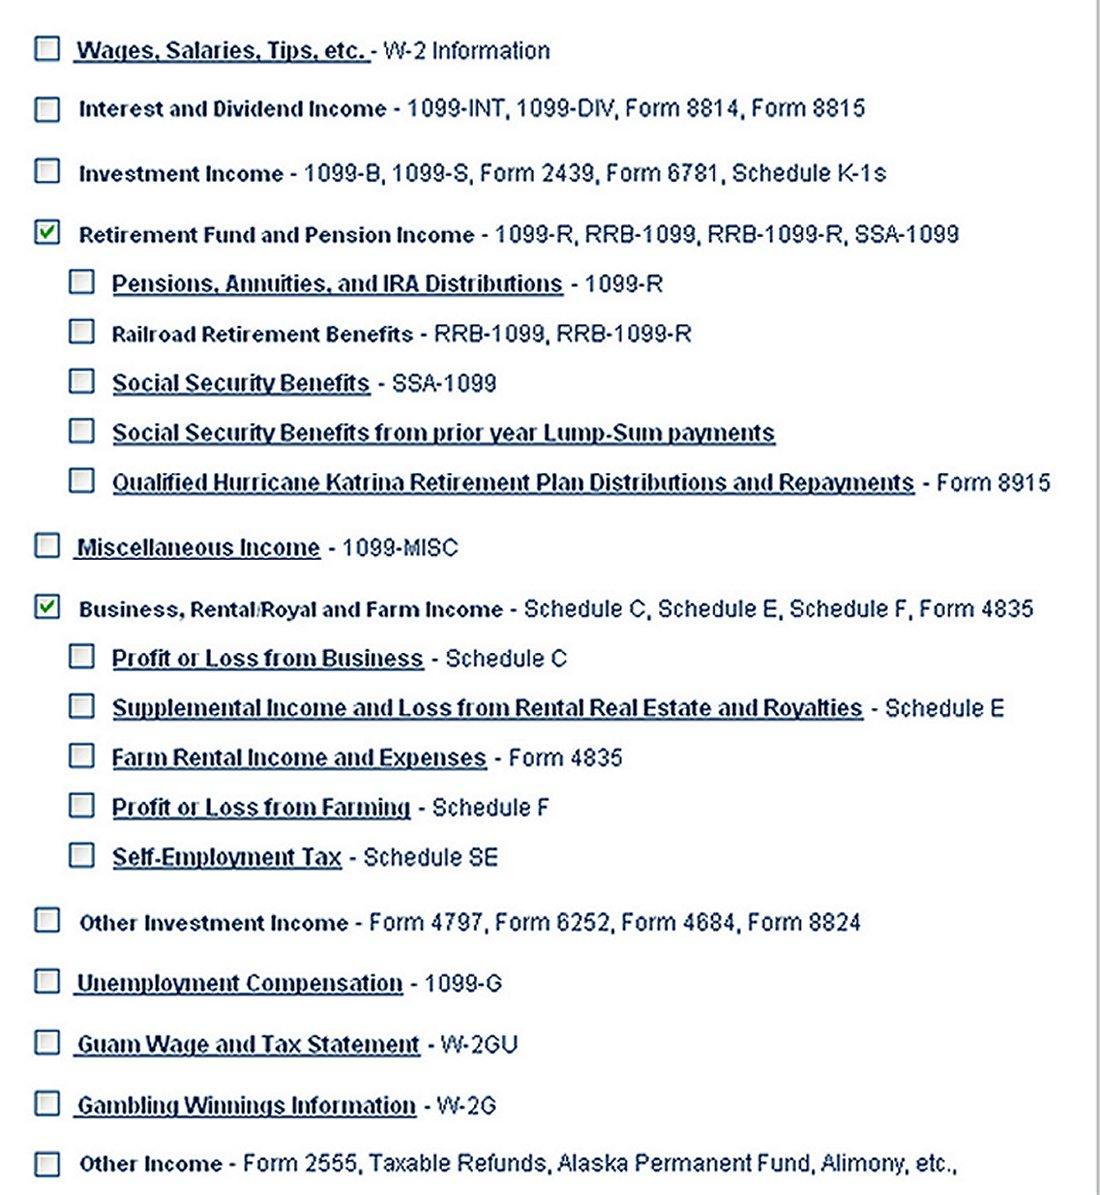 screenshot of income checklist dropdown